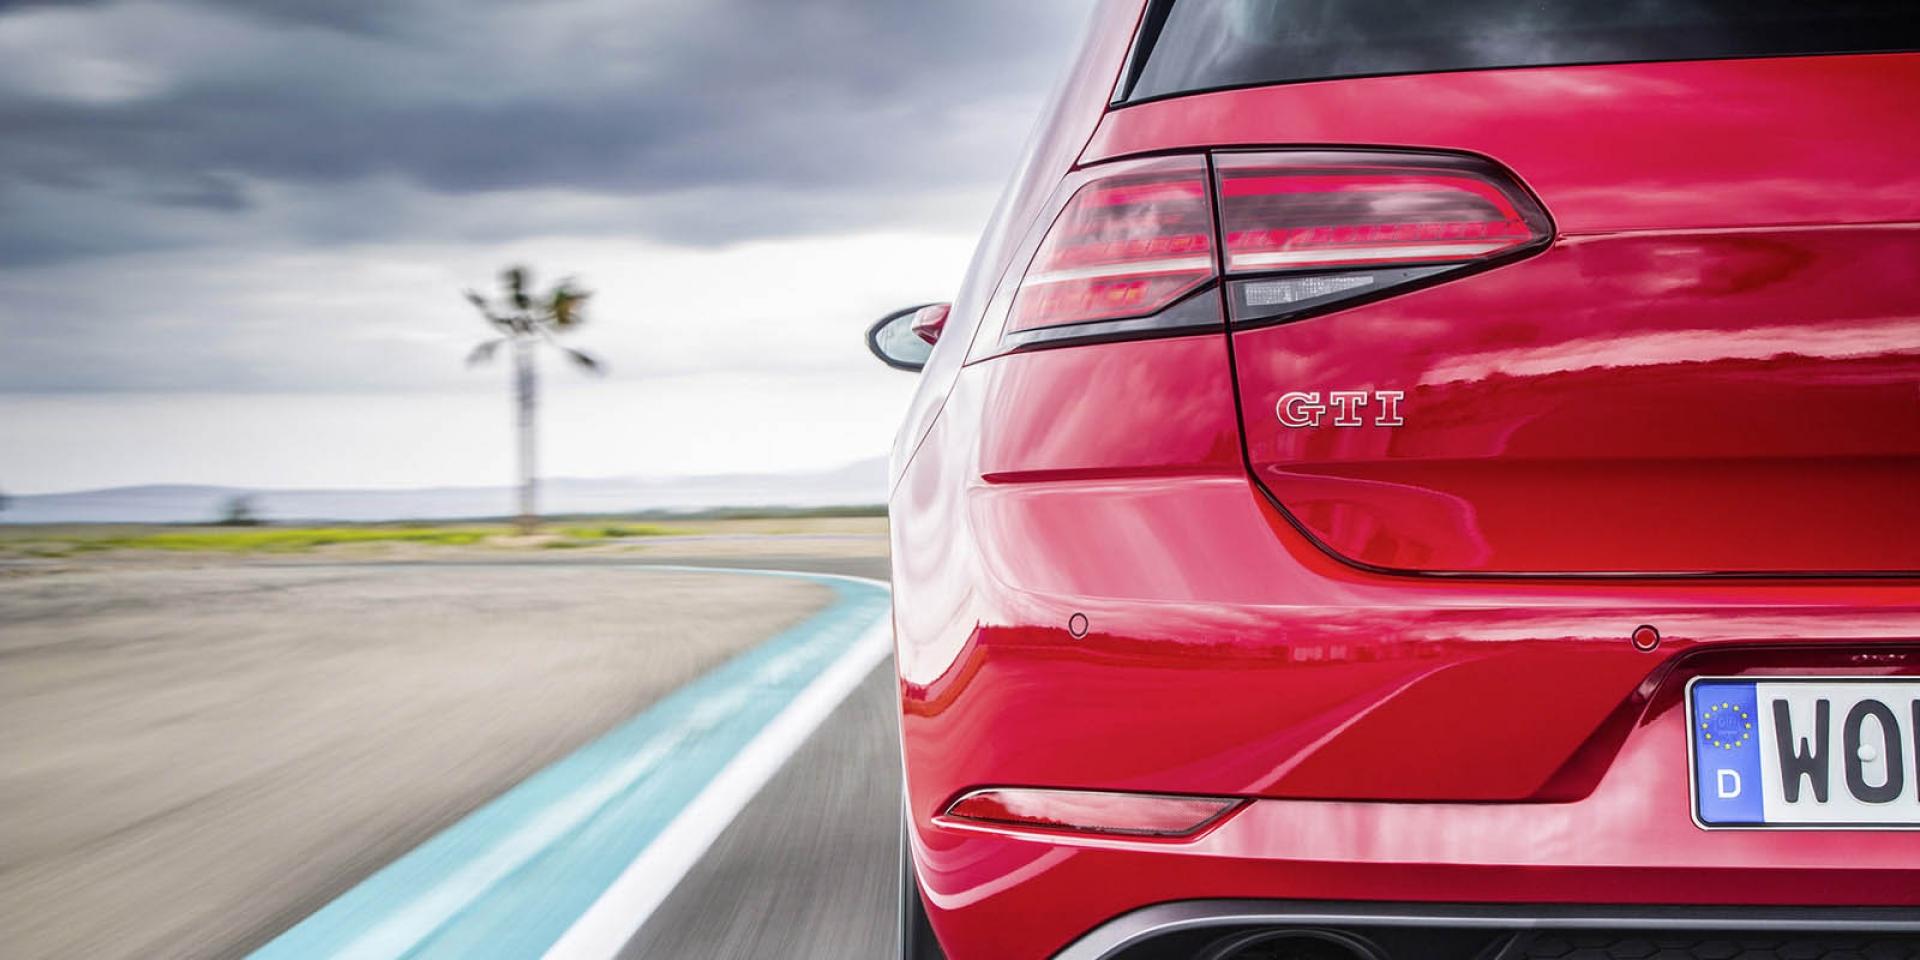 官方新聞稿。2020年式 Volkswagen Golf GTI現金預購優惠價136.8萬起